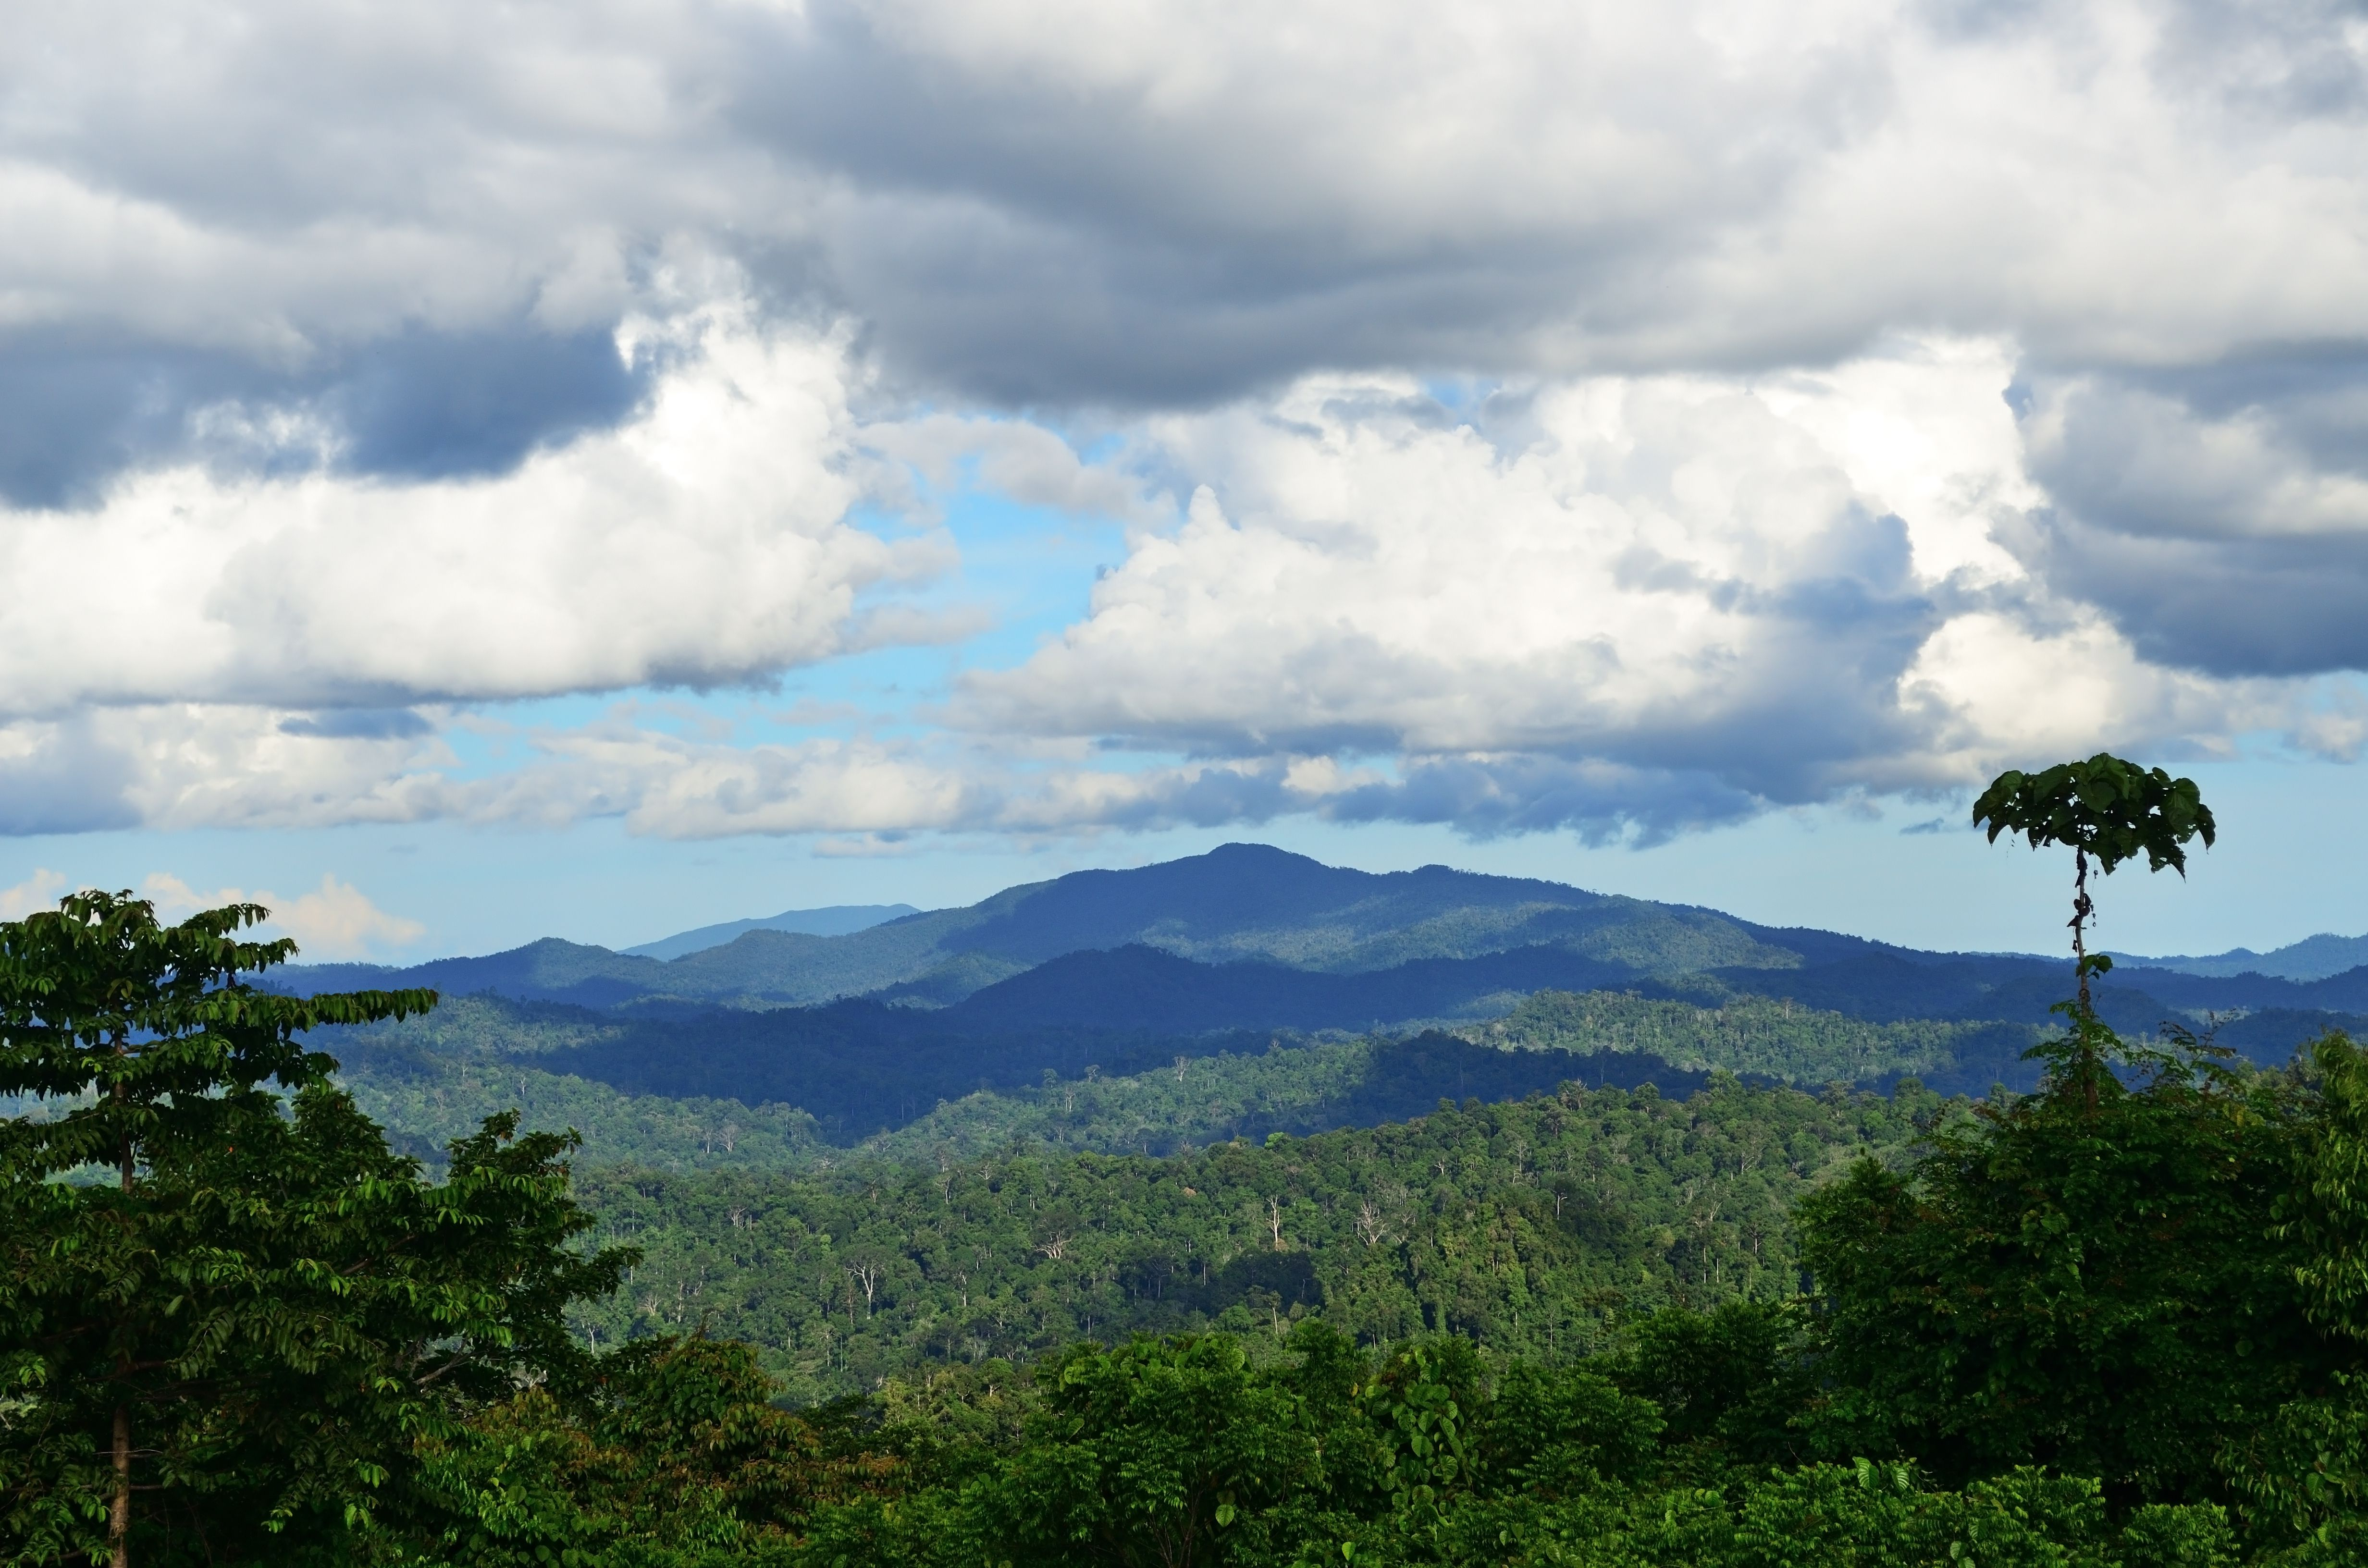 Primary rain forest in Borneo